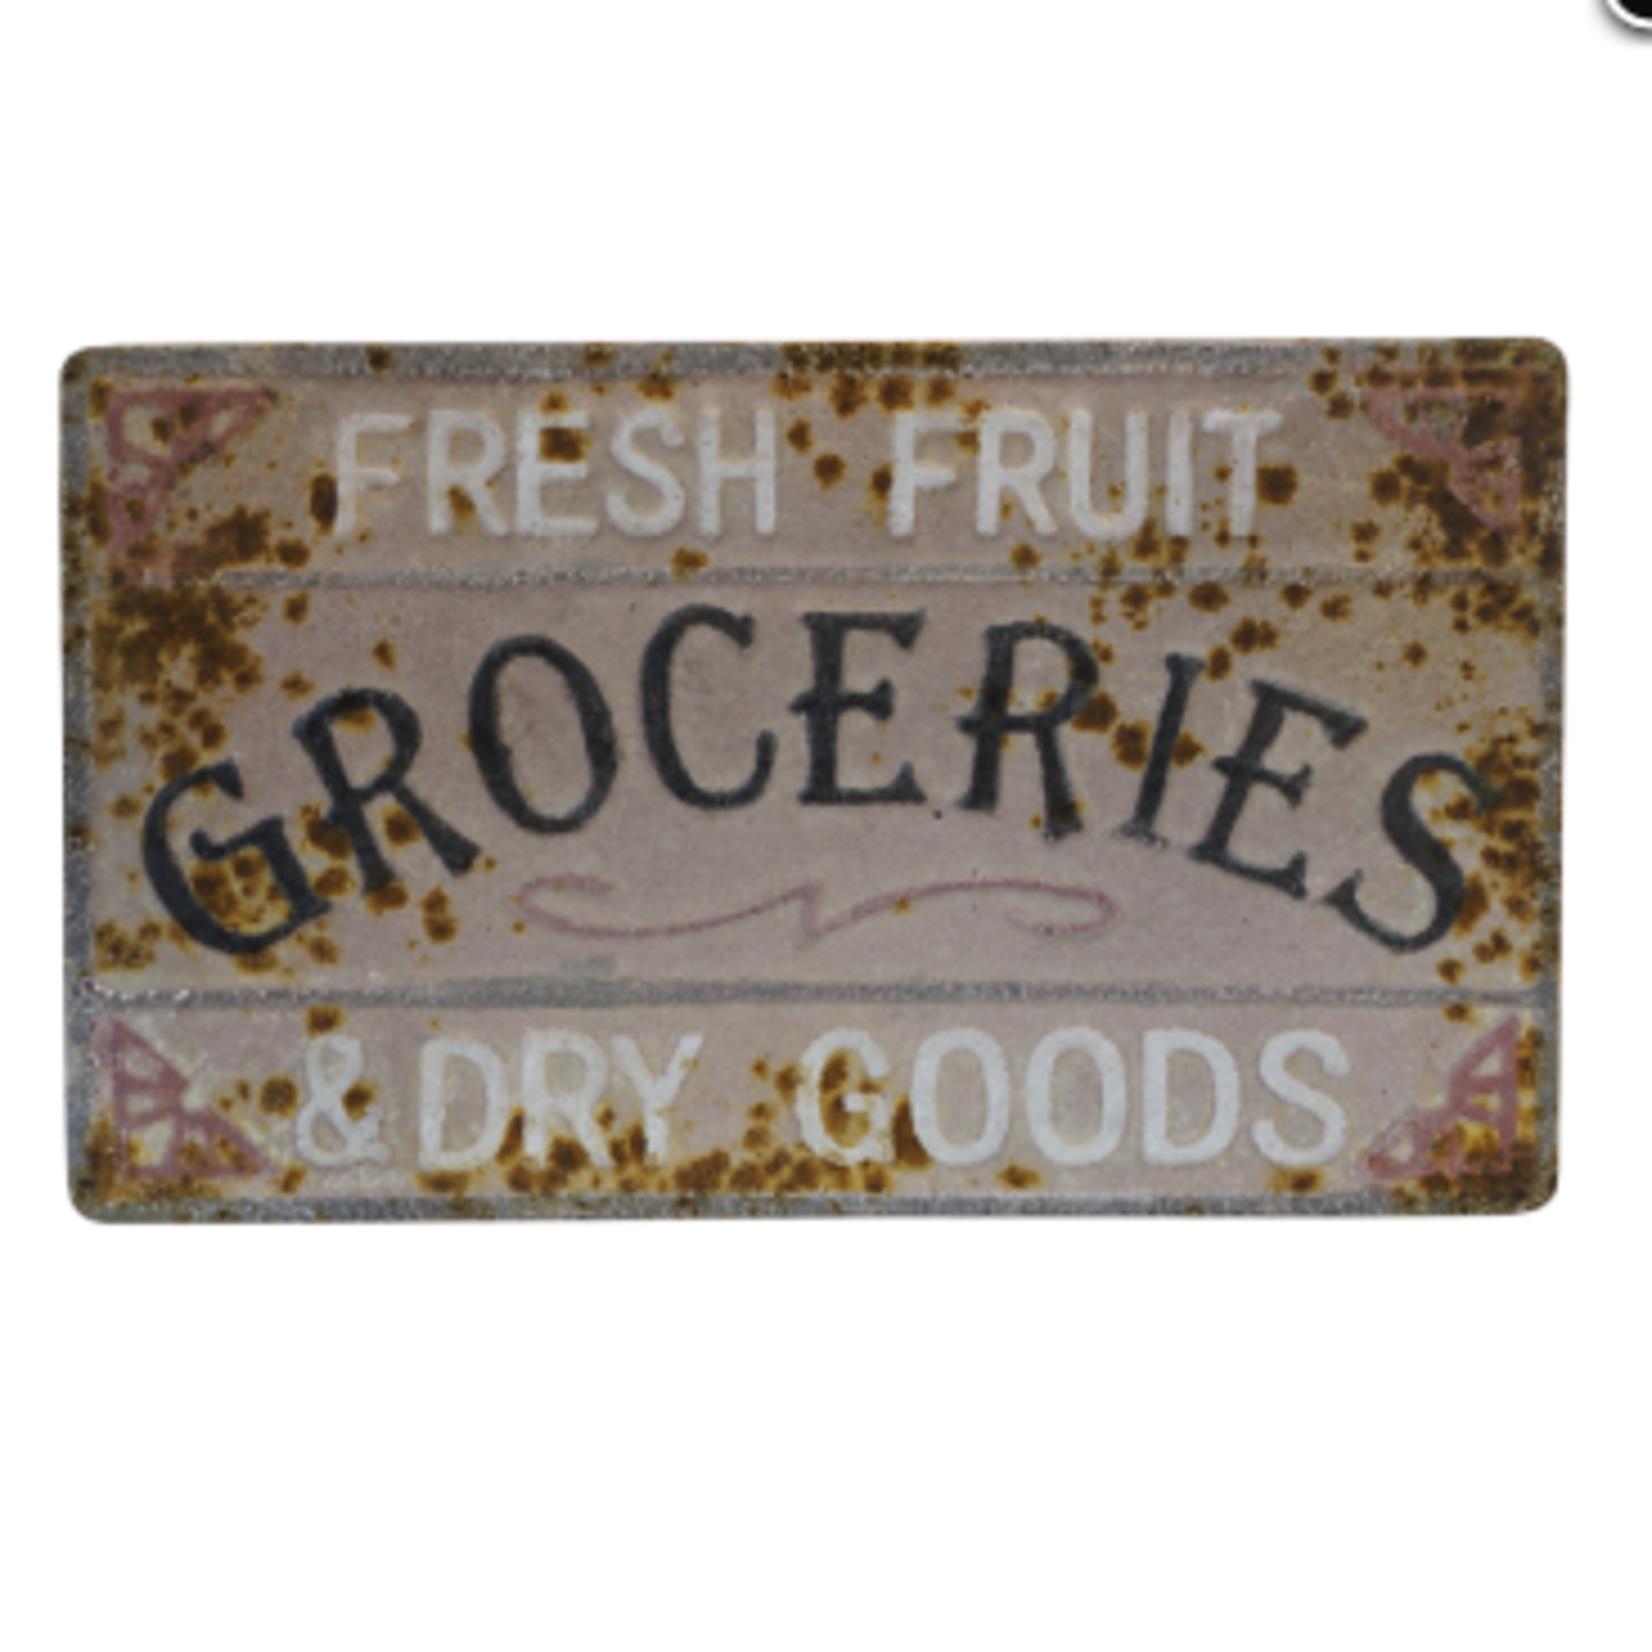 At Groceries Tin Sign